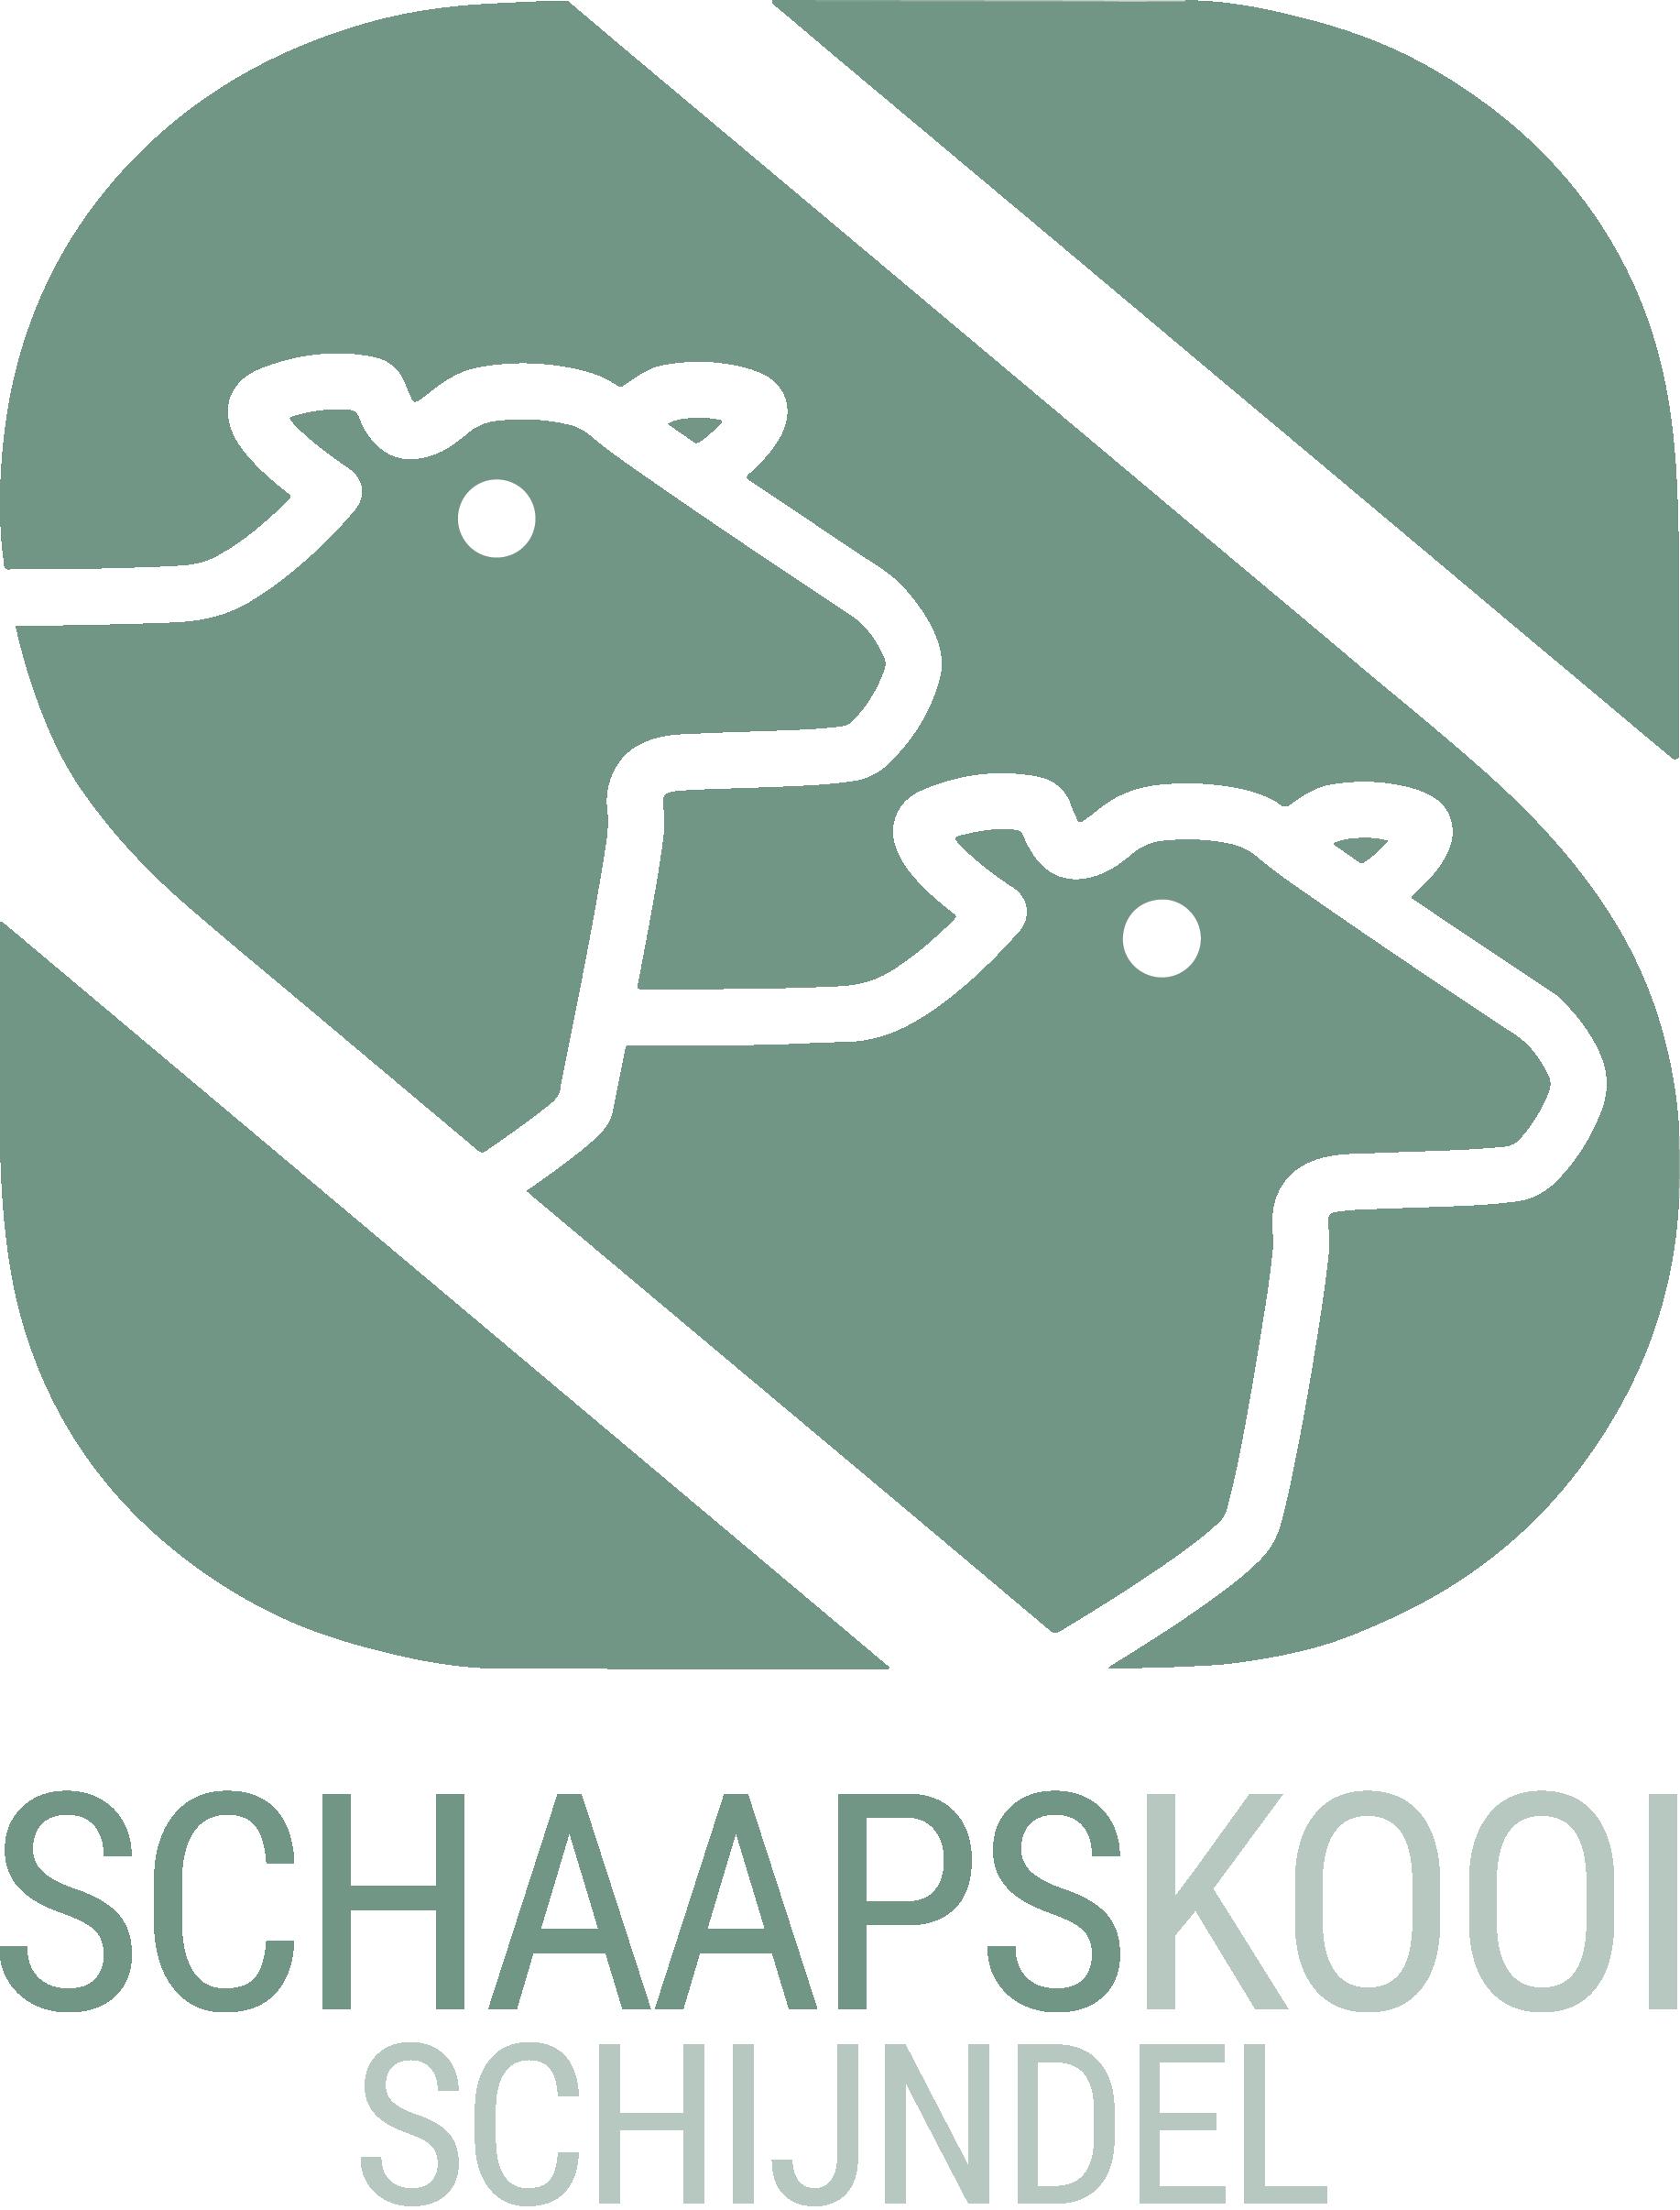 HOH-logo-schaapskooi-schijndel